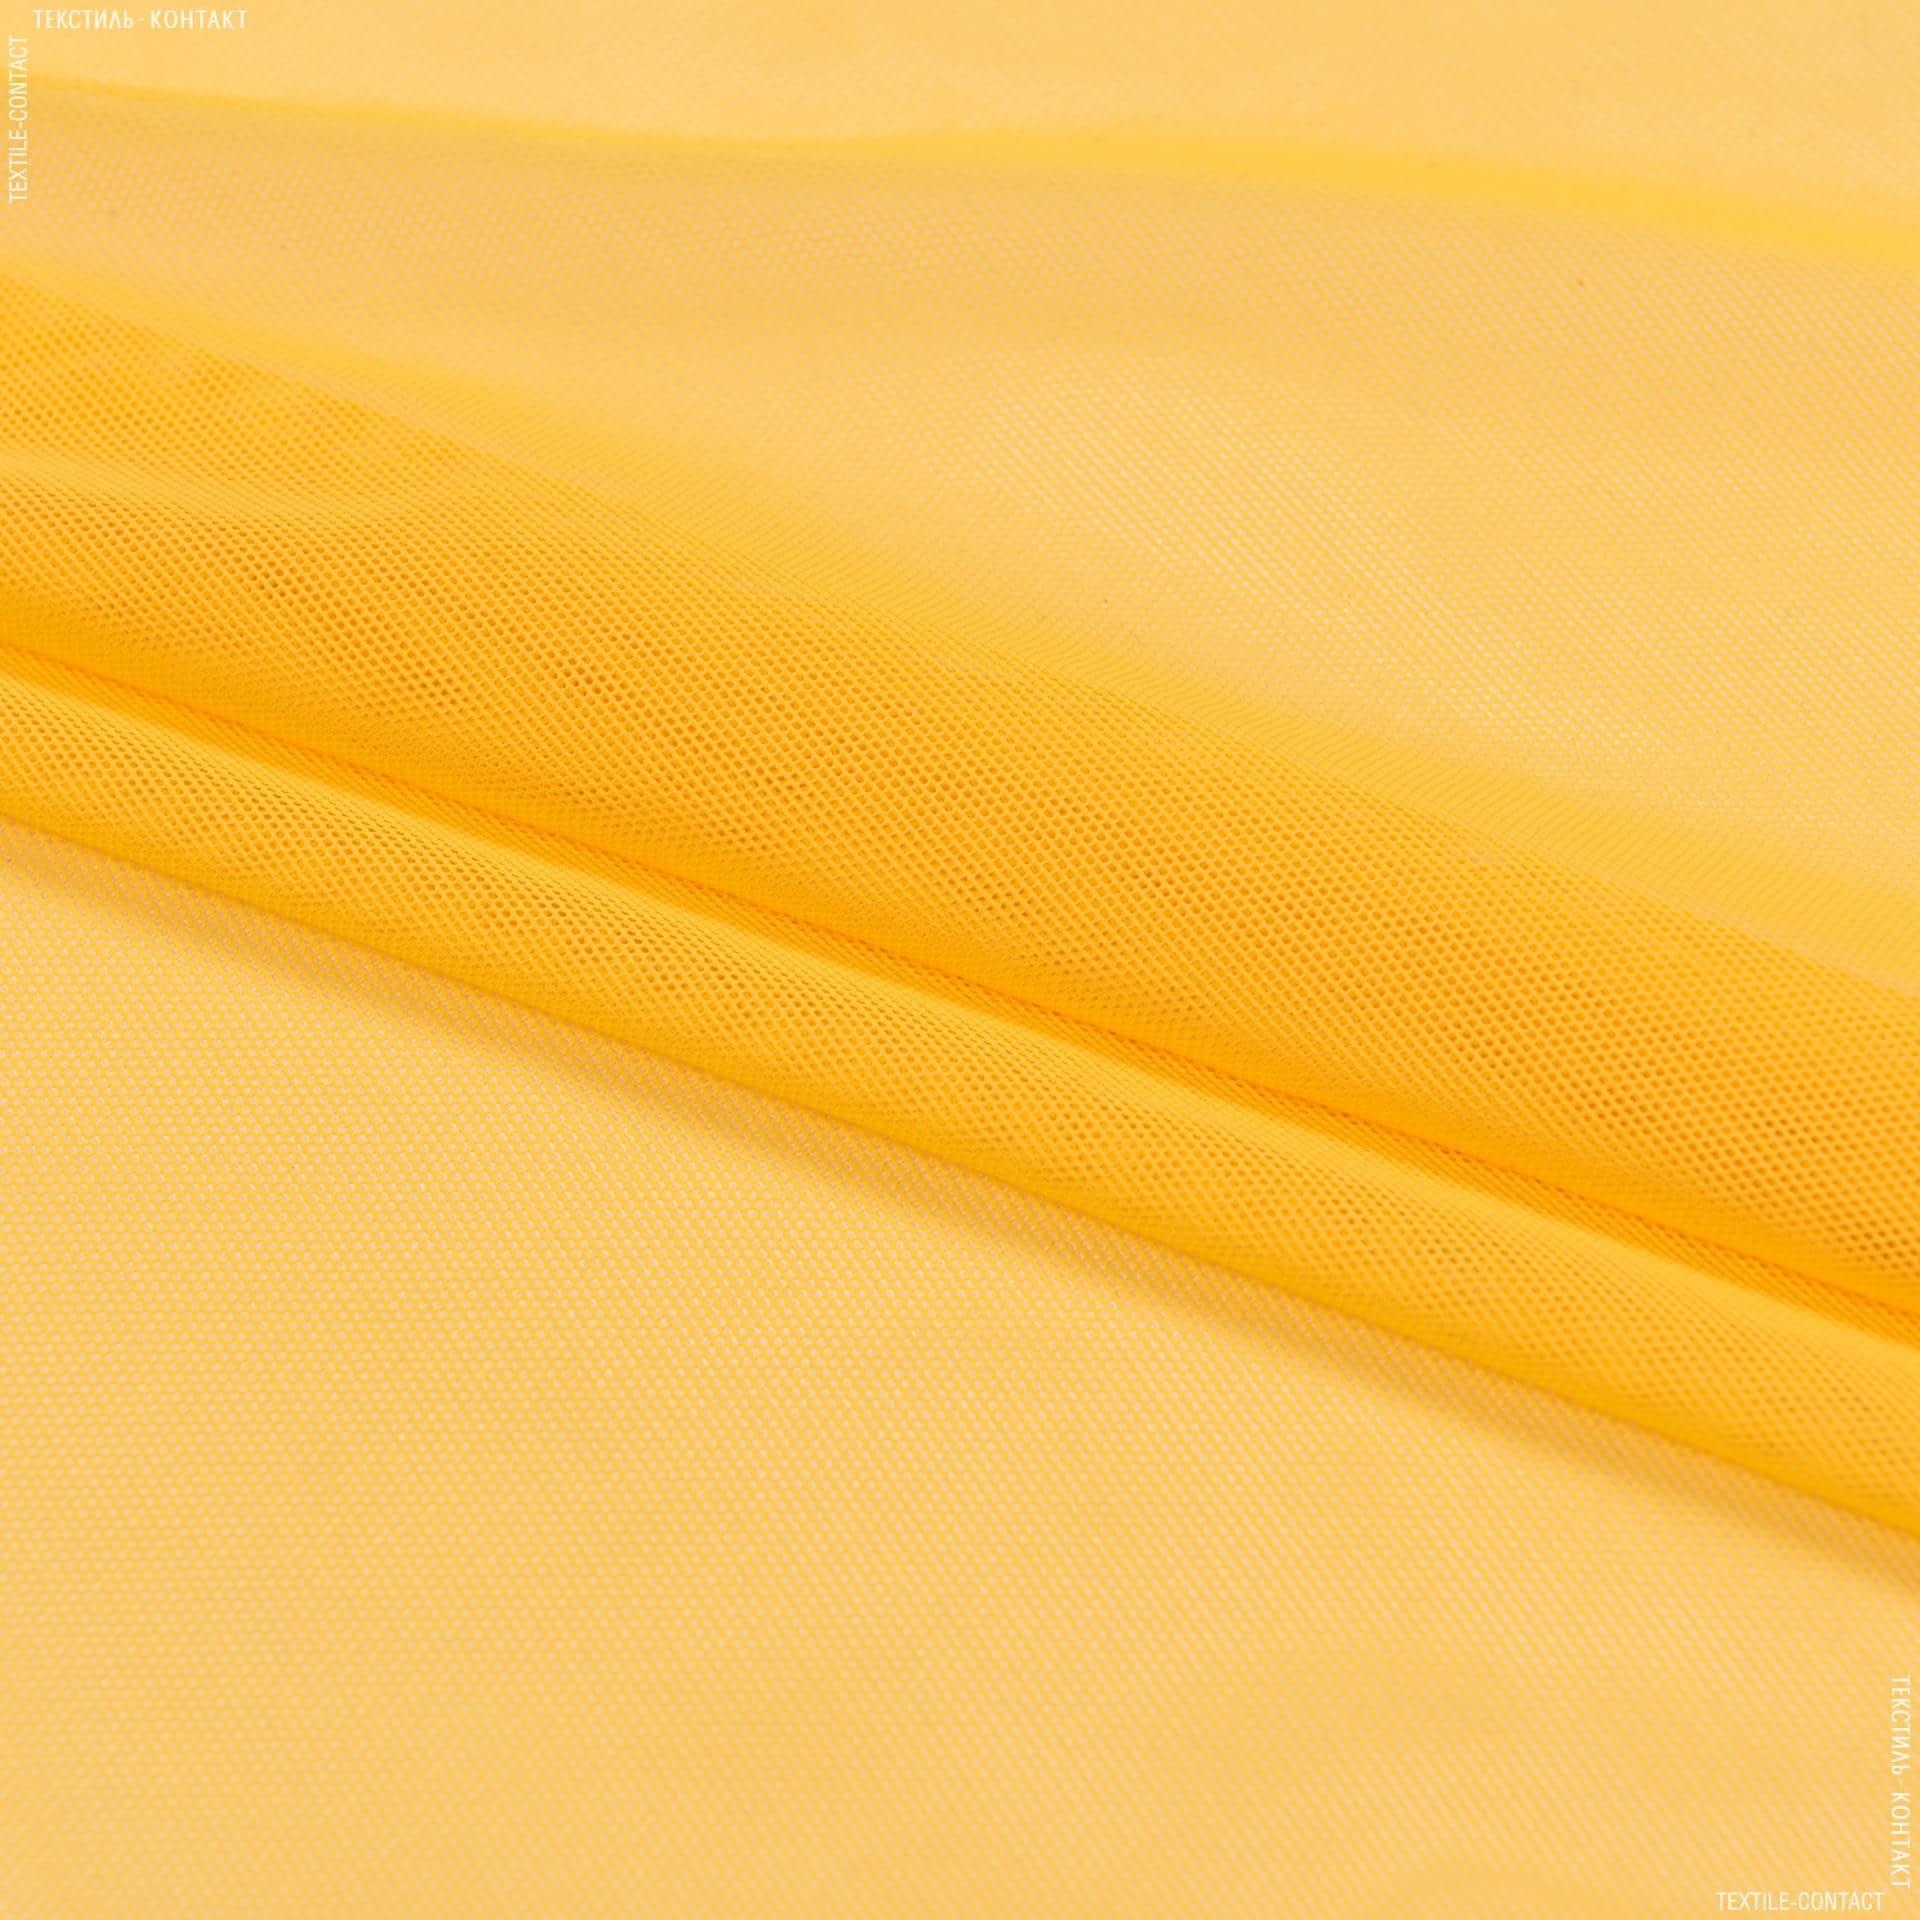 Тканини для спортивного одягу - Сітка стрейч темно-жовтий